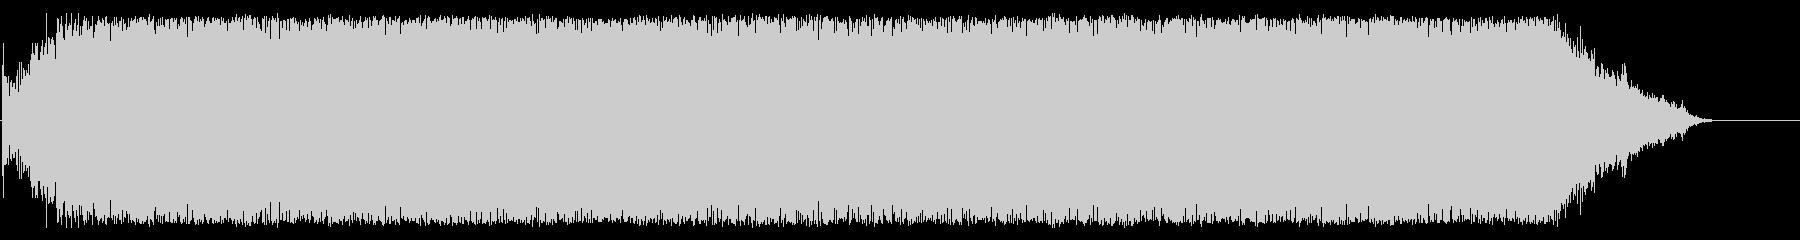 【生録音】ヘアドライヤーの音 4の未再生の波形